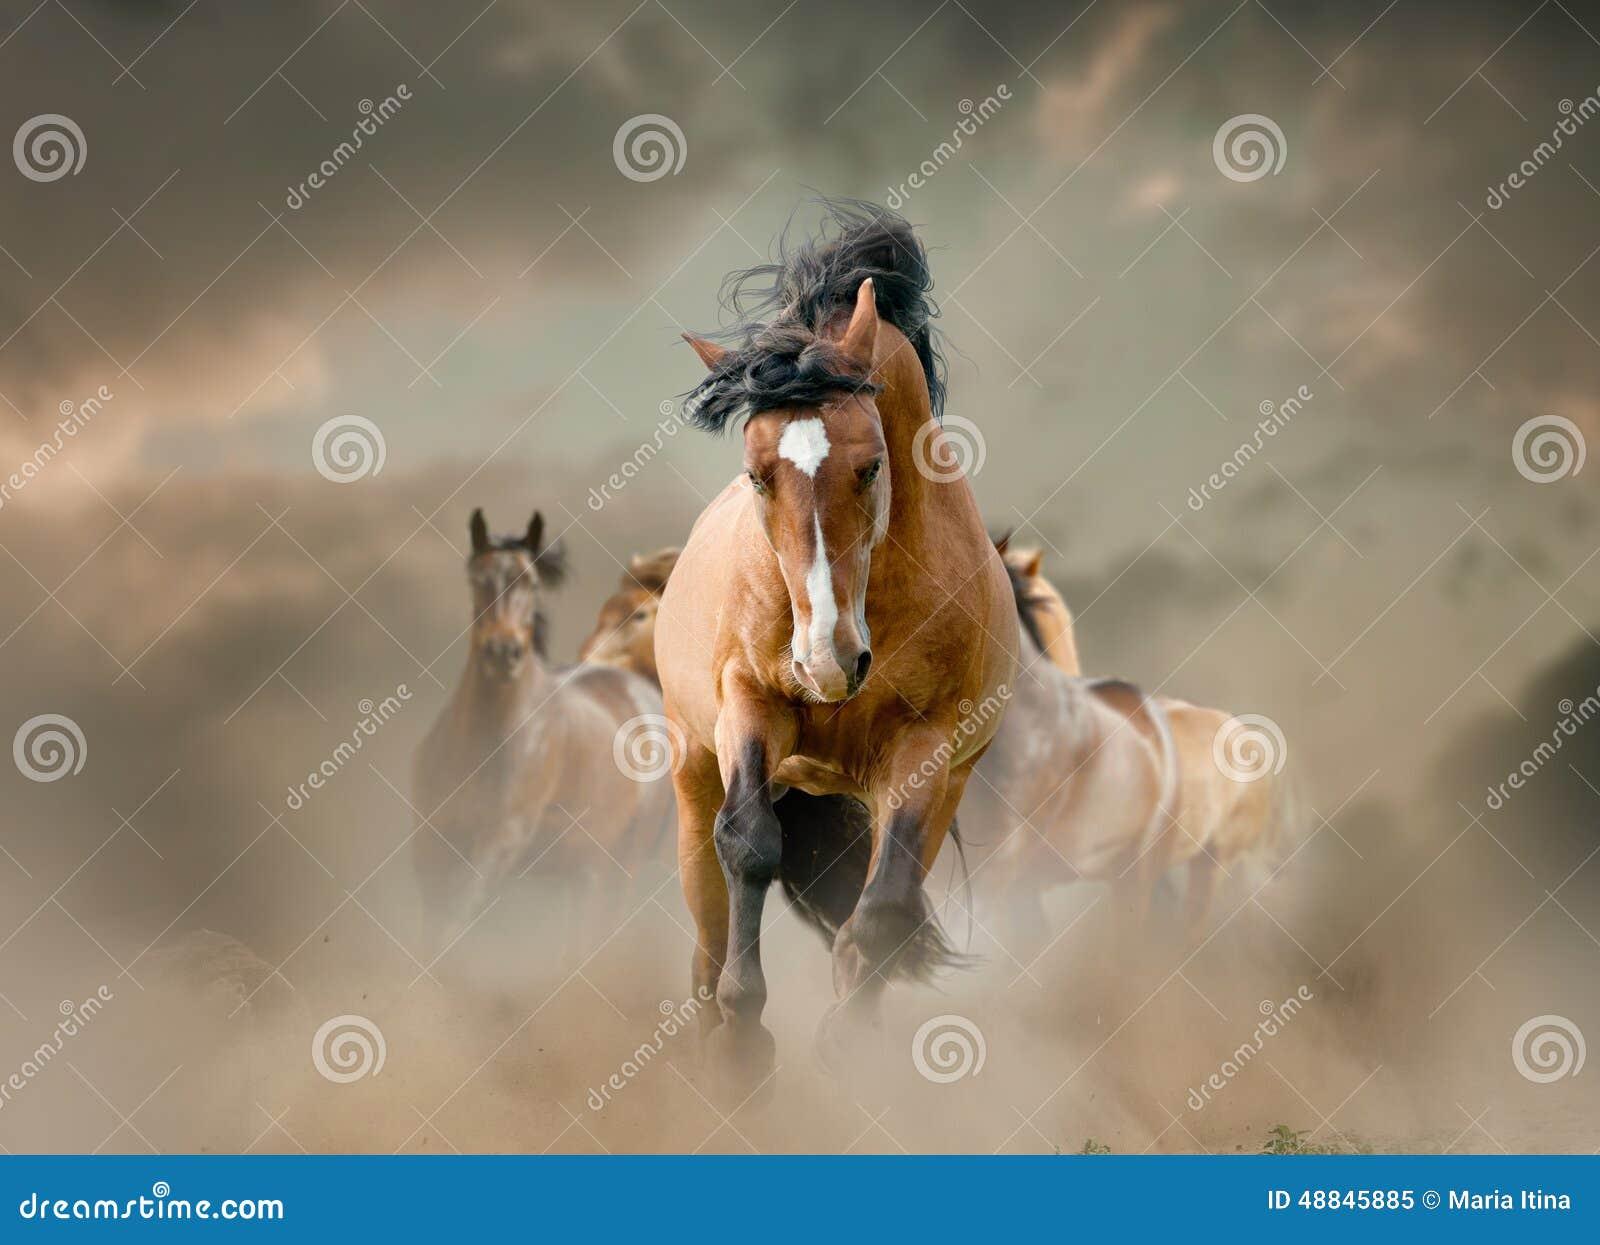 Paarden in stof